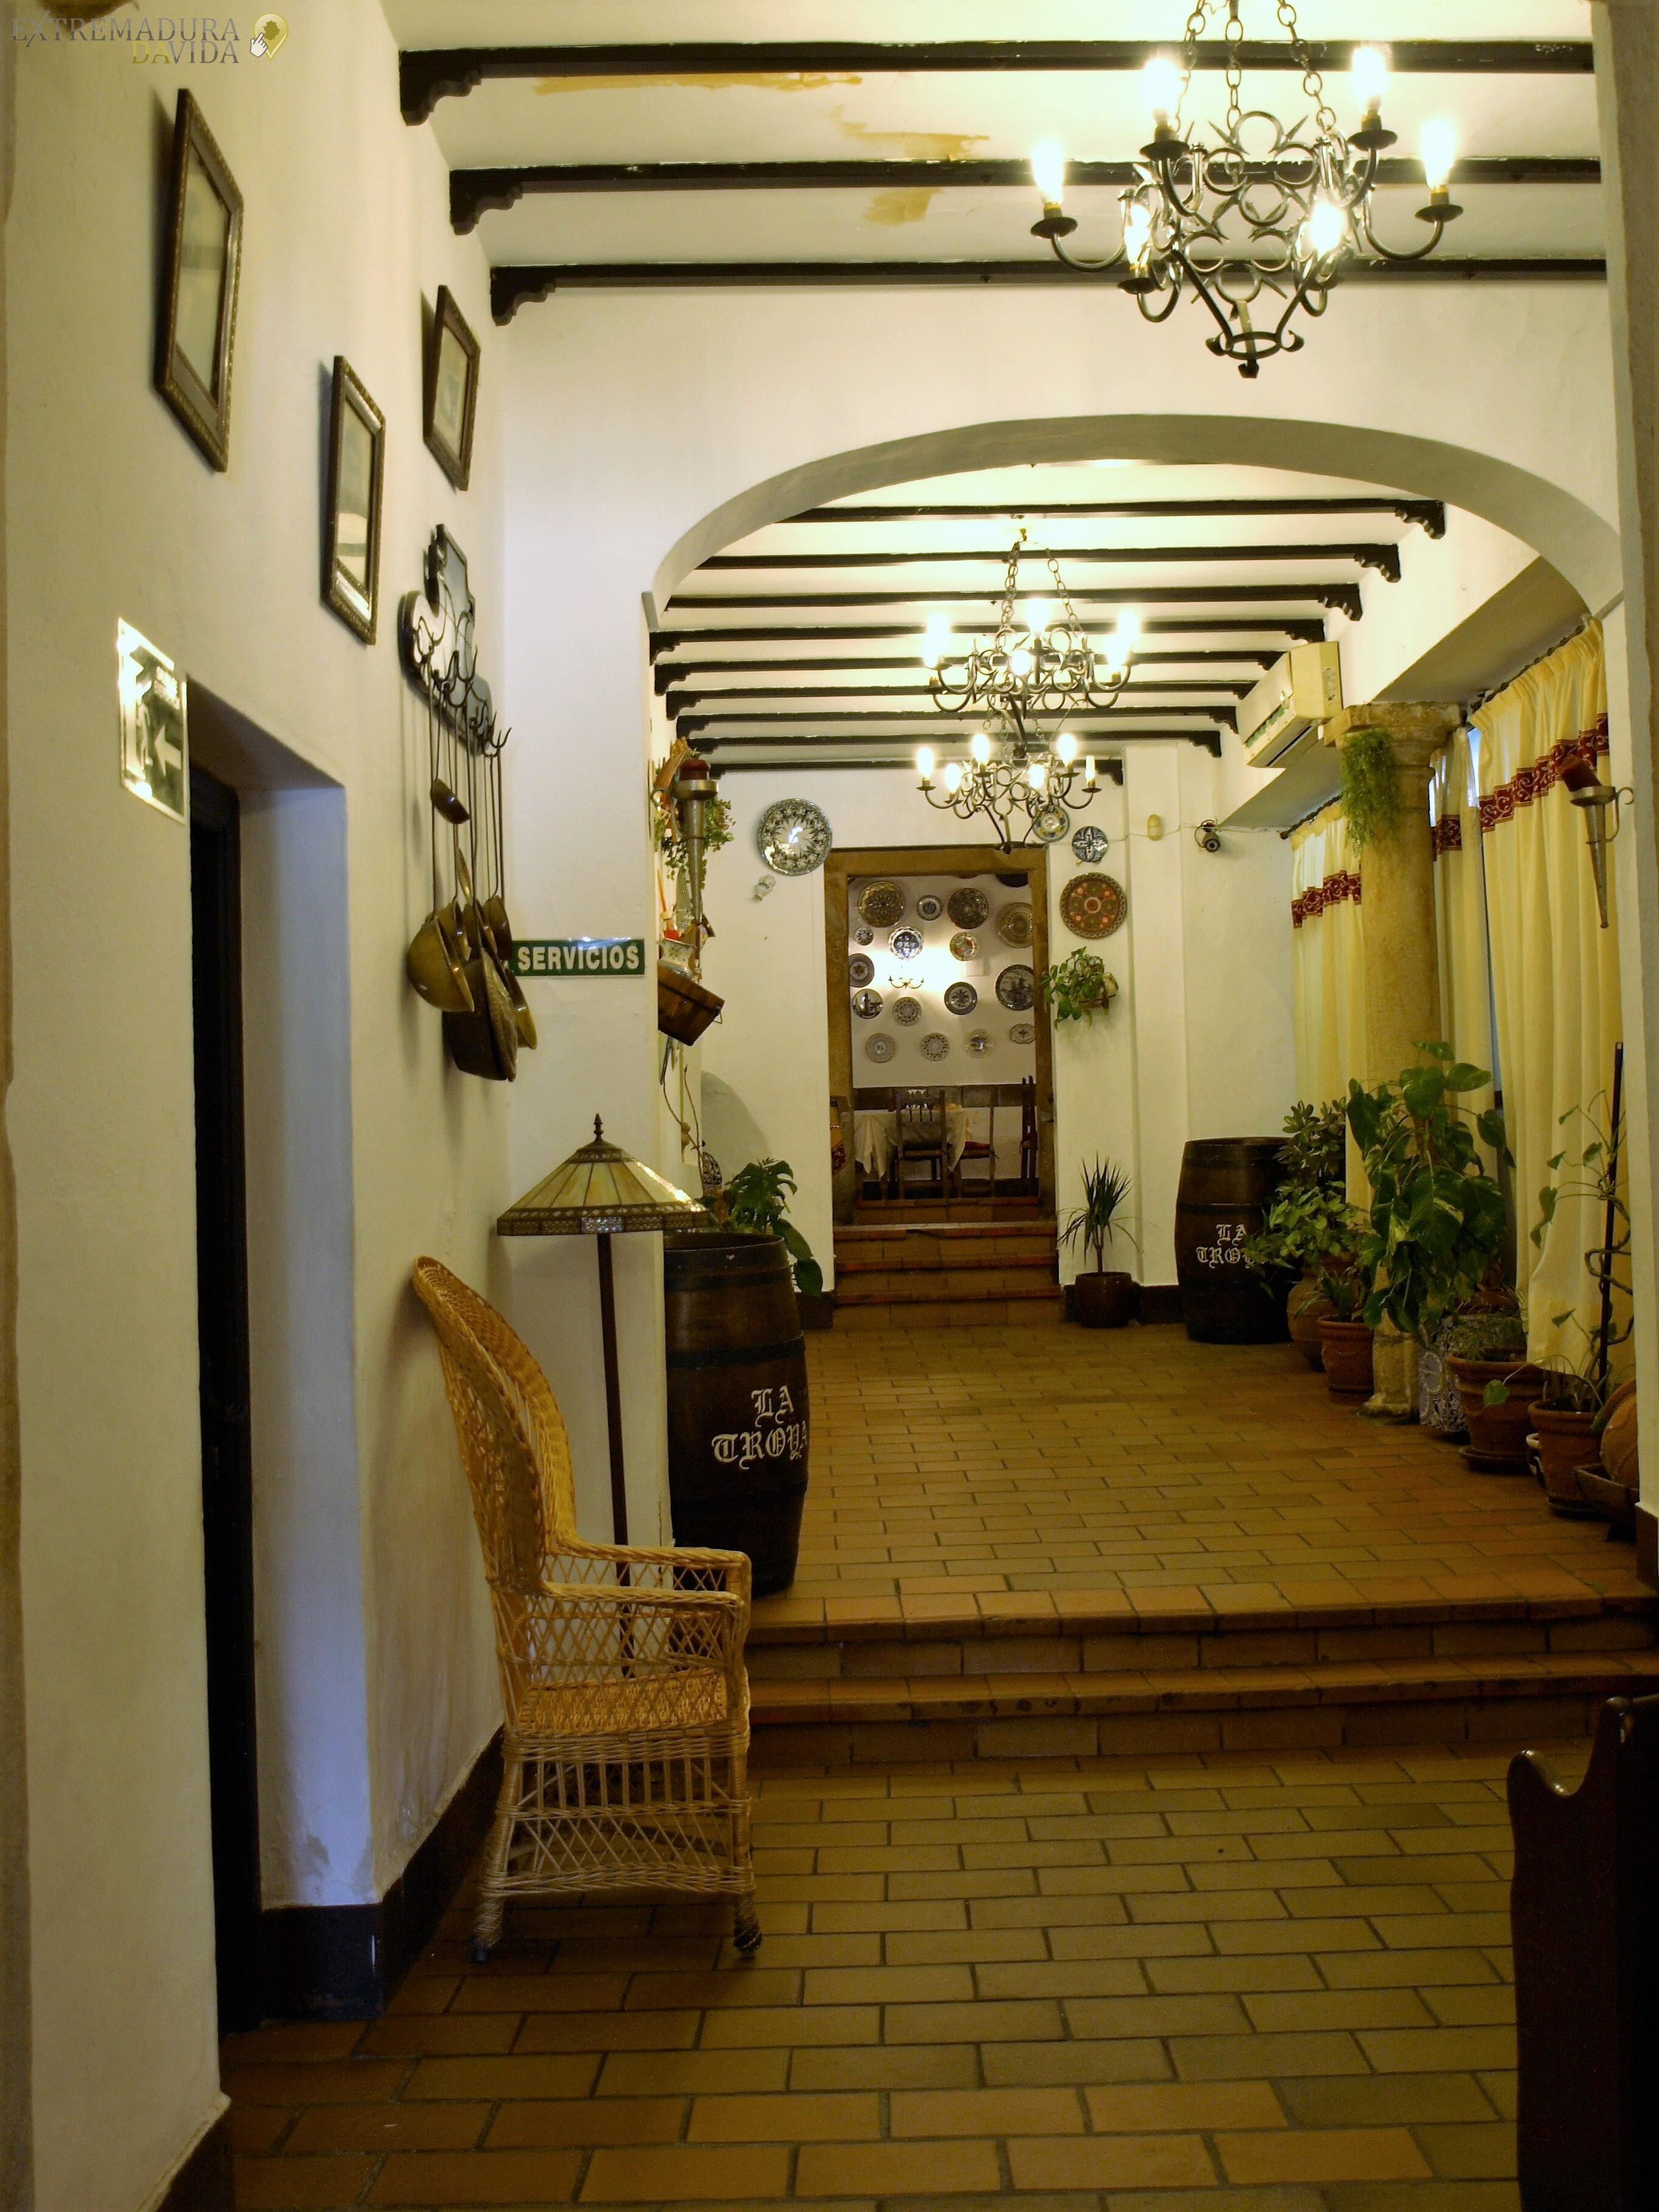 RESTAURANTE-HISTORICO-TIPICO-TRUJILLO-LA-TROYA